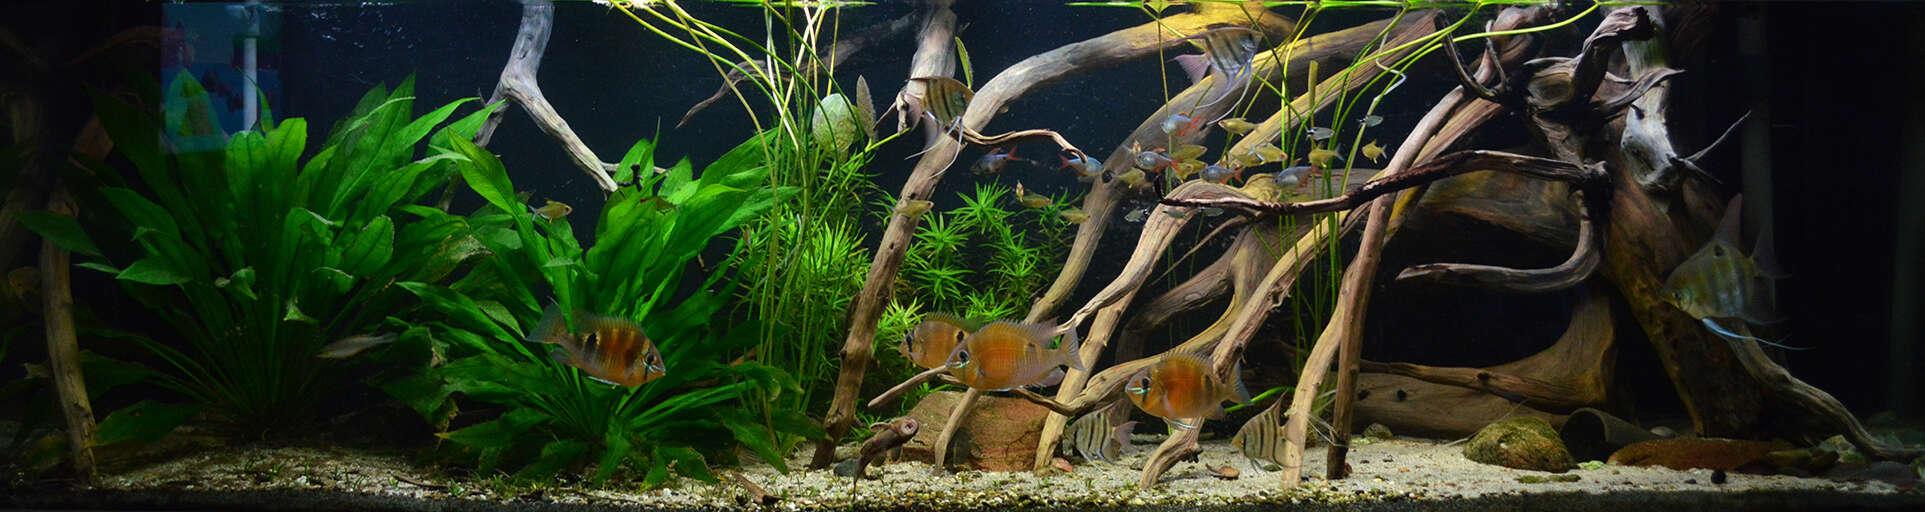 Biotop-Aquarium: Ein Lebensraum wie in der Natur 3